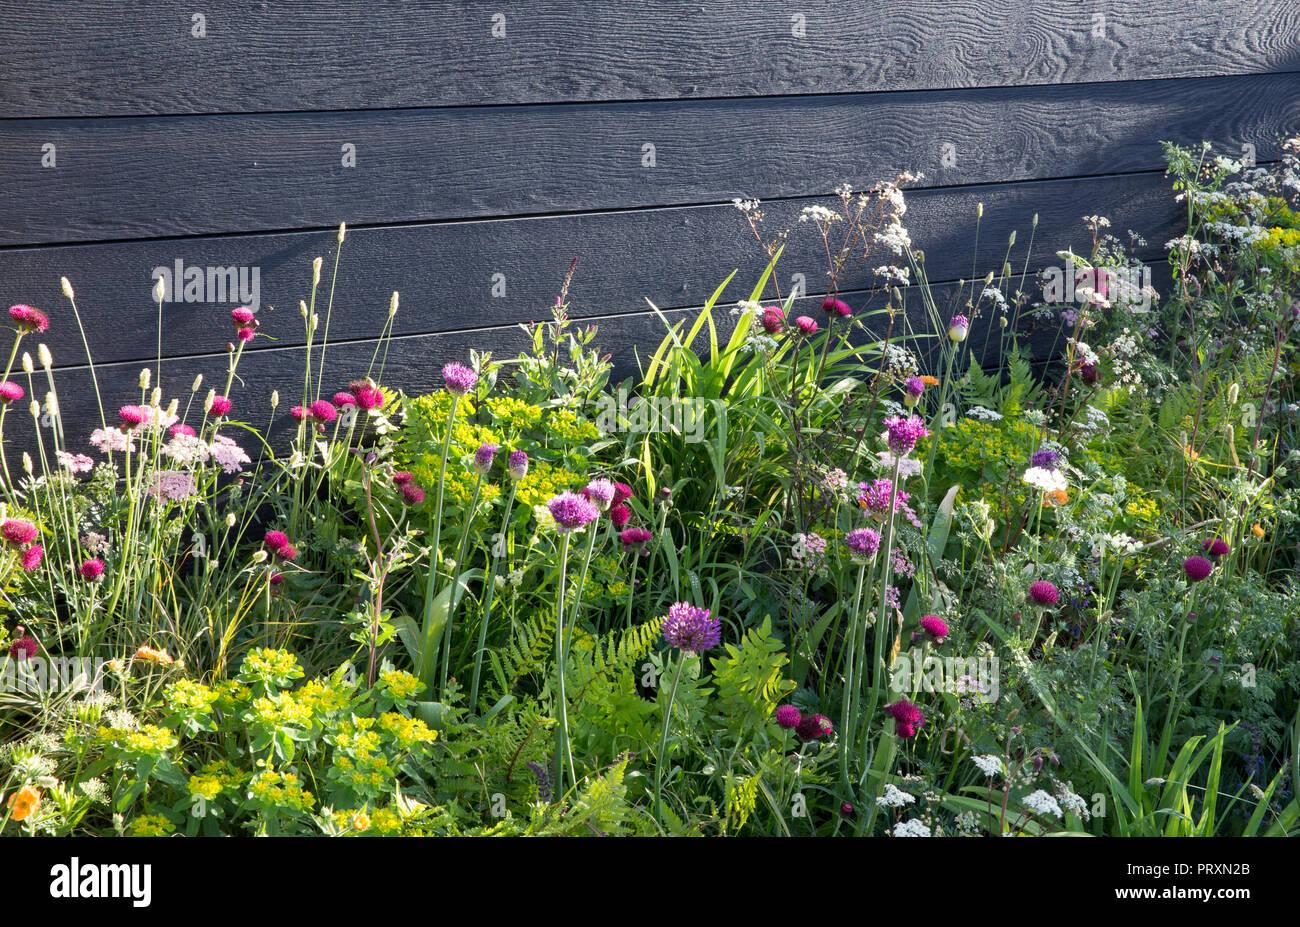 Black wood garden fence, meadow style planting of Allium hollandicum 'Purple Sensation', Cirsium rivulare 'Atropurpureum', Geum 'Totally Tangerine', M - Stock Image